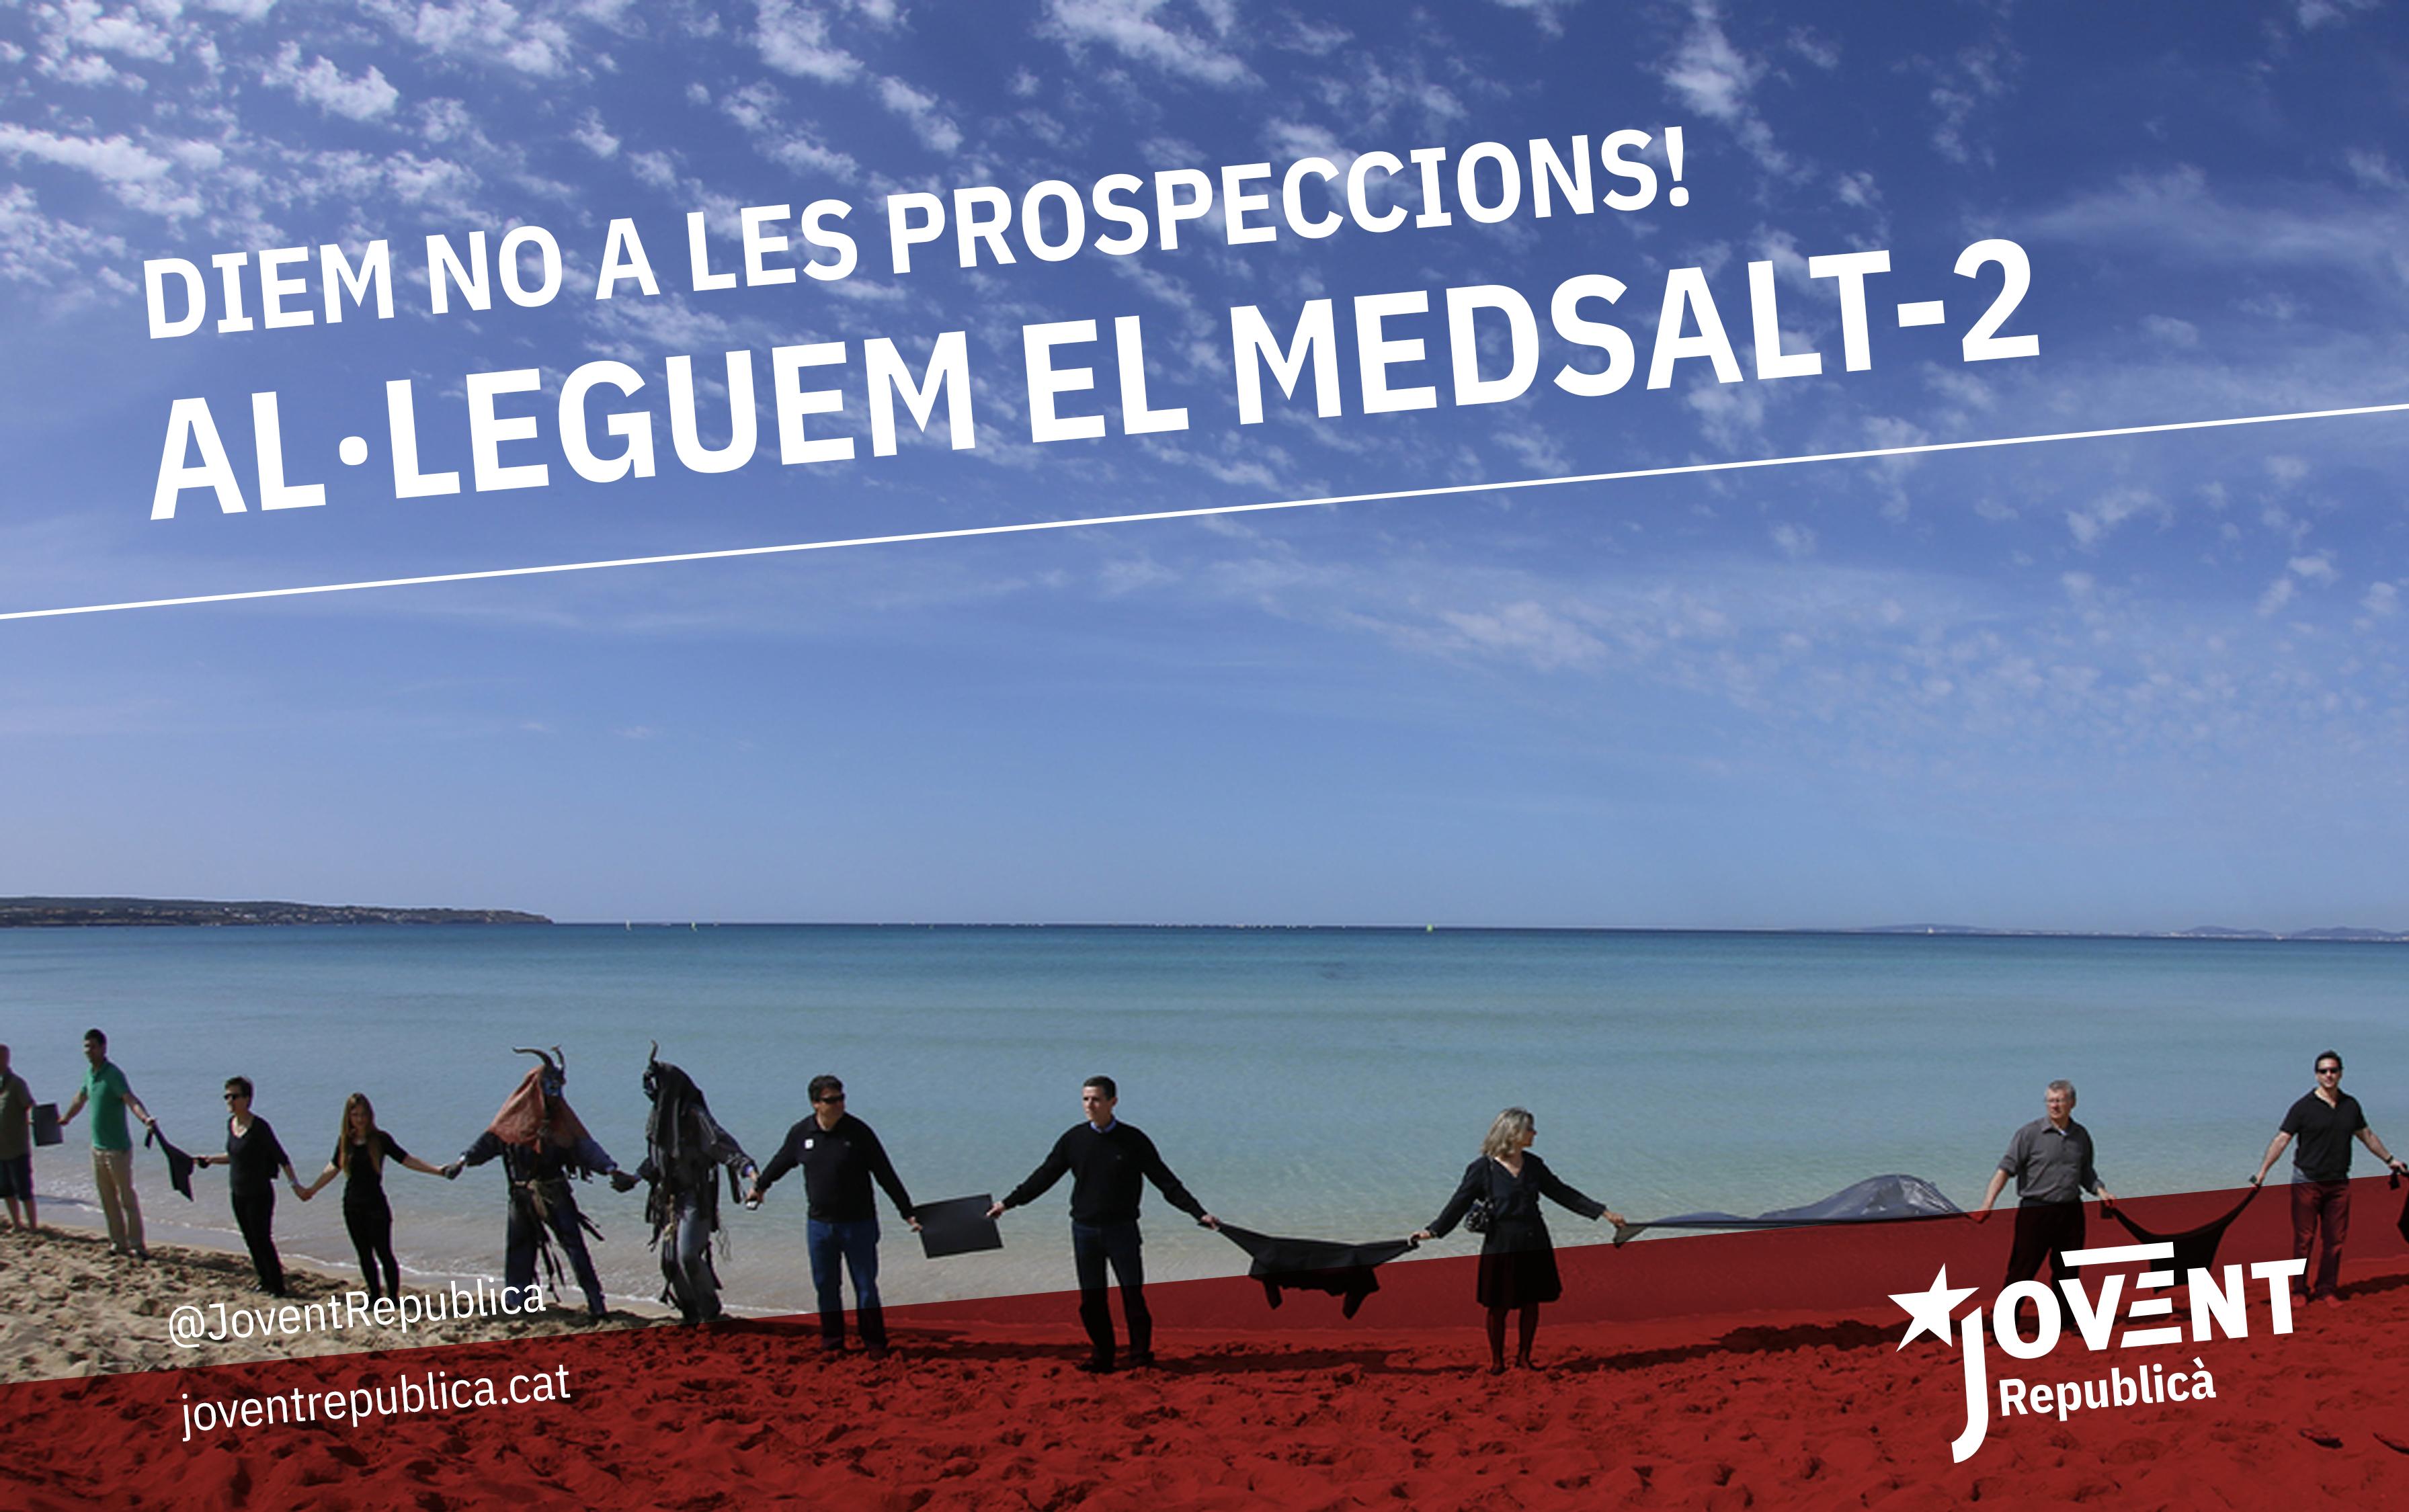 Instruccions per presentar al·legacions al projecte de prospeccions petrolieres MEDSALT-2